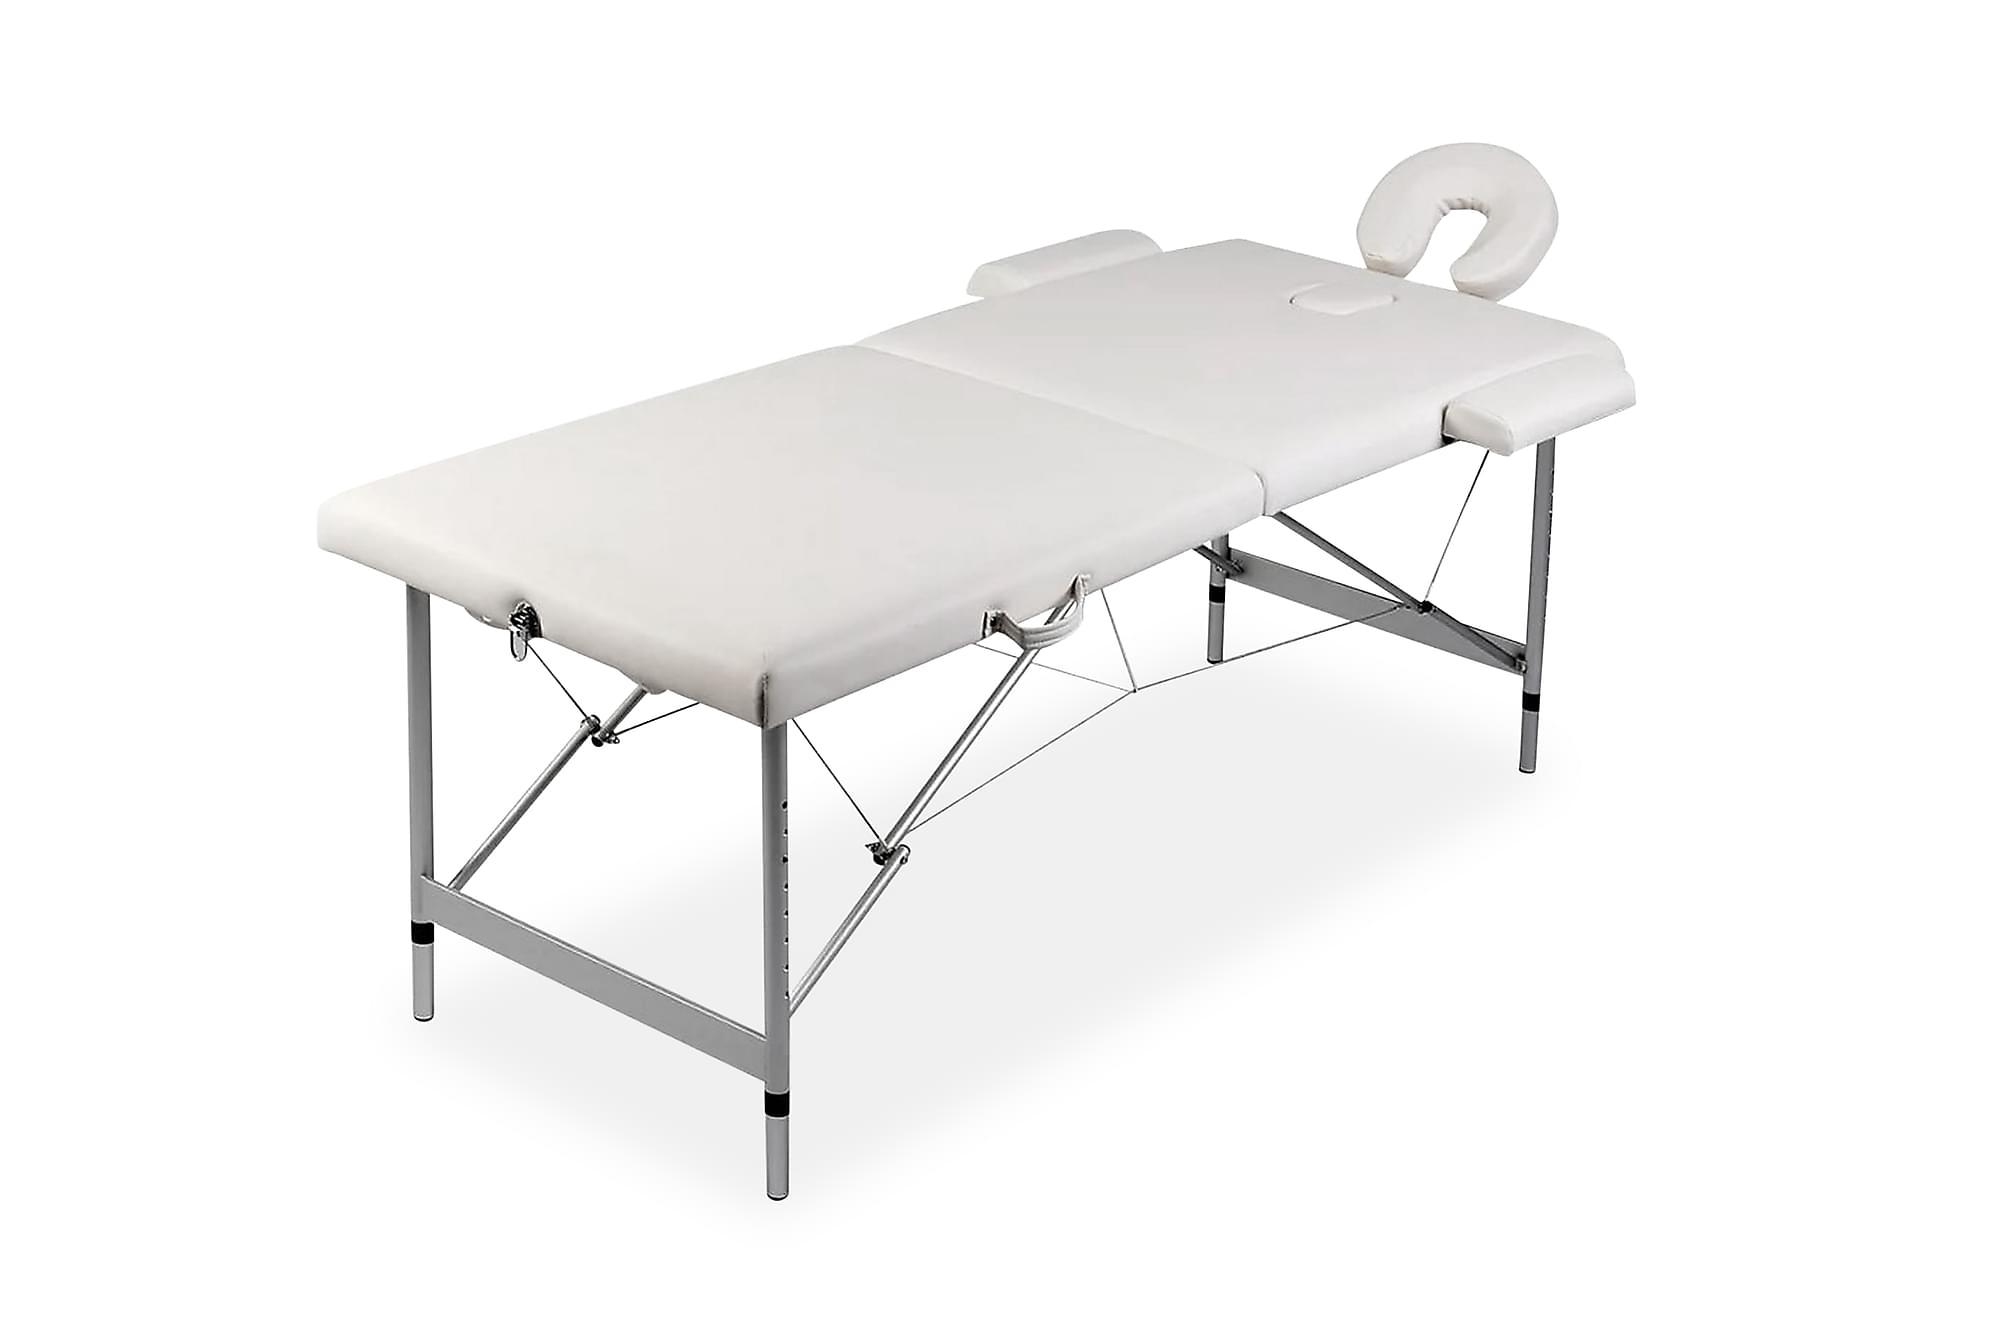 Hopfällbar massagebänk med 2 sektioner aluminiumram gräddvit